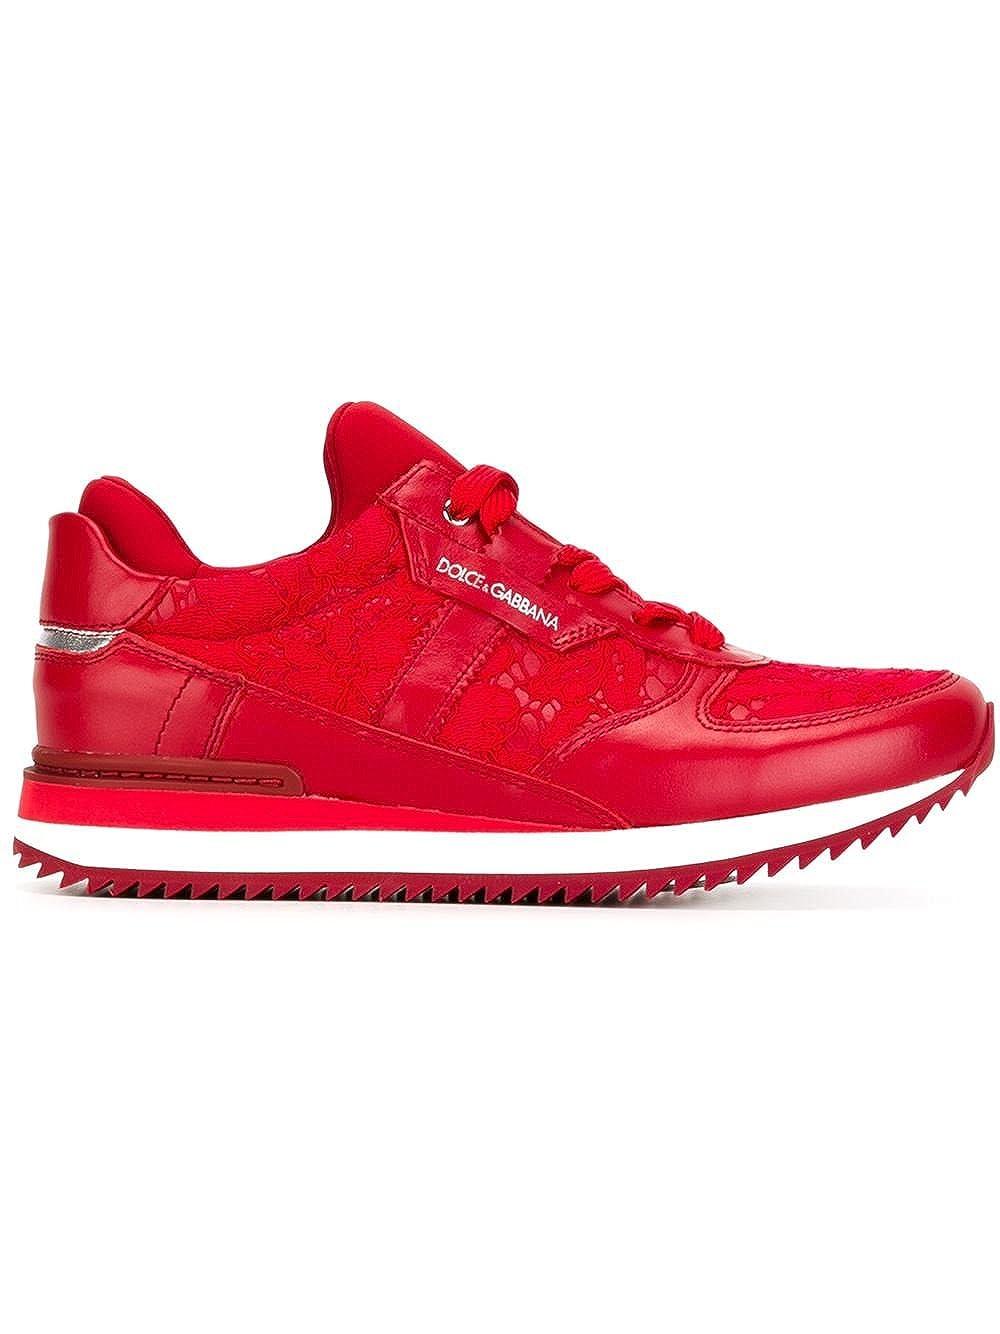 288111cf11903 Amazon.com: Dolce & Gabbana Women's Fashion Sneakers Red: Shoes